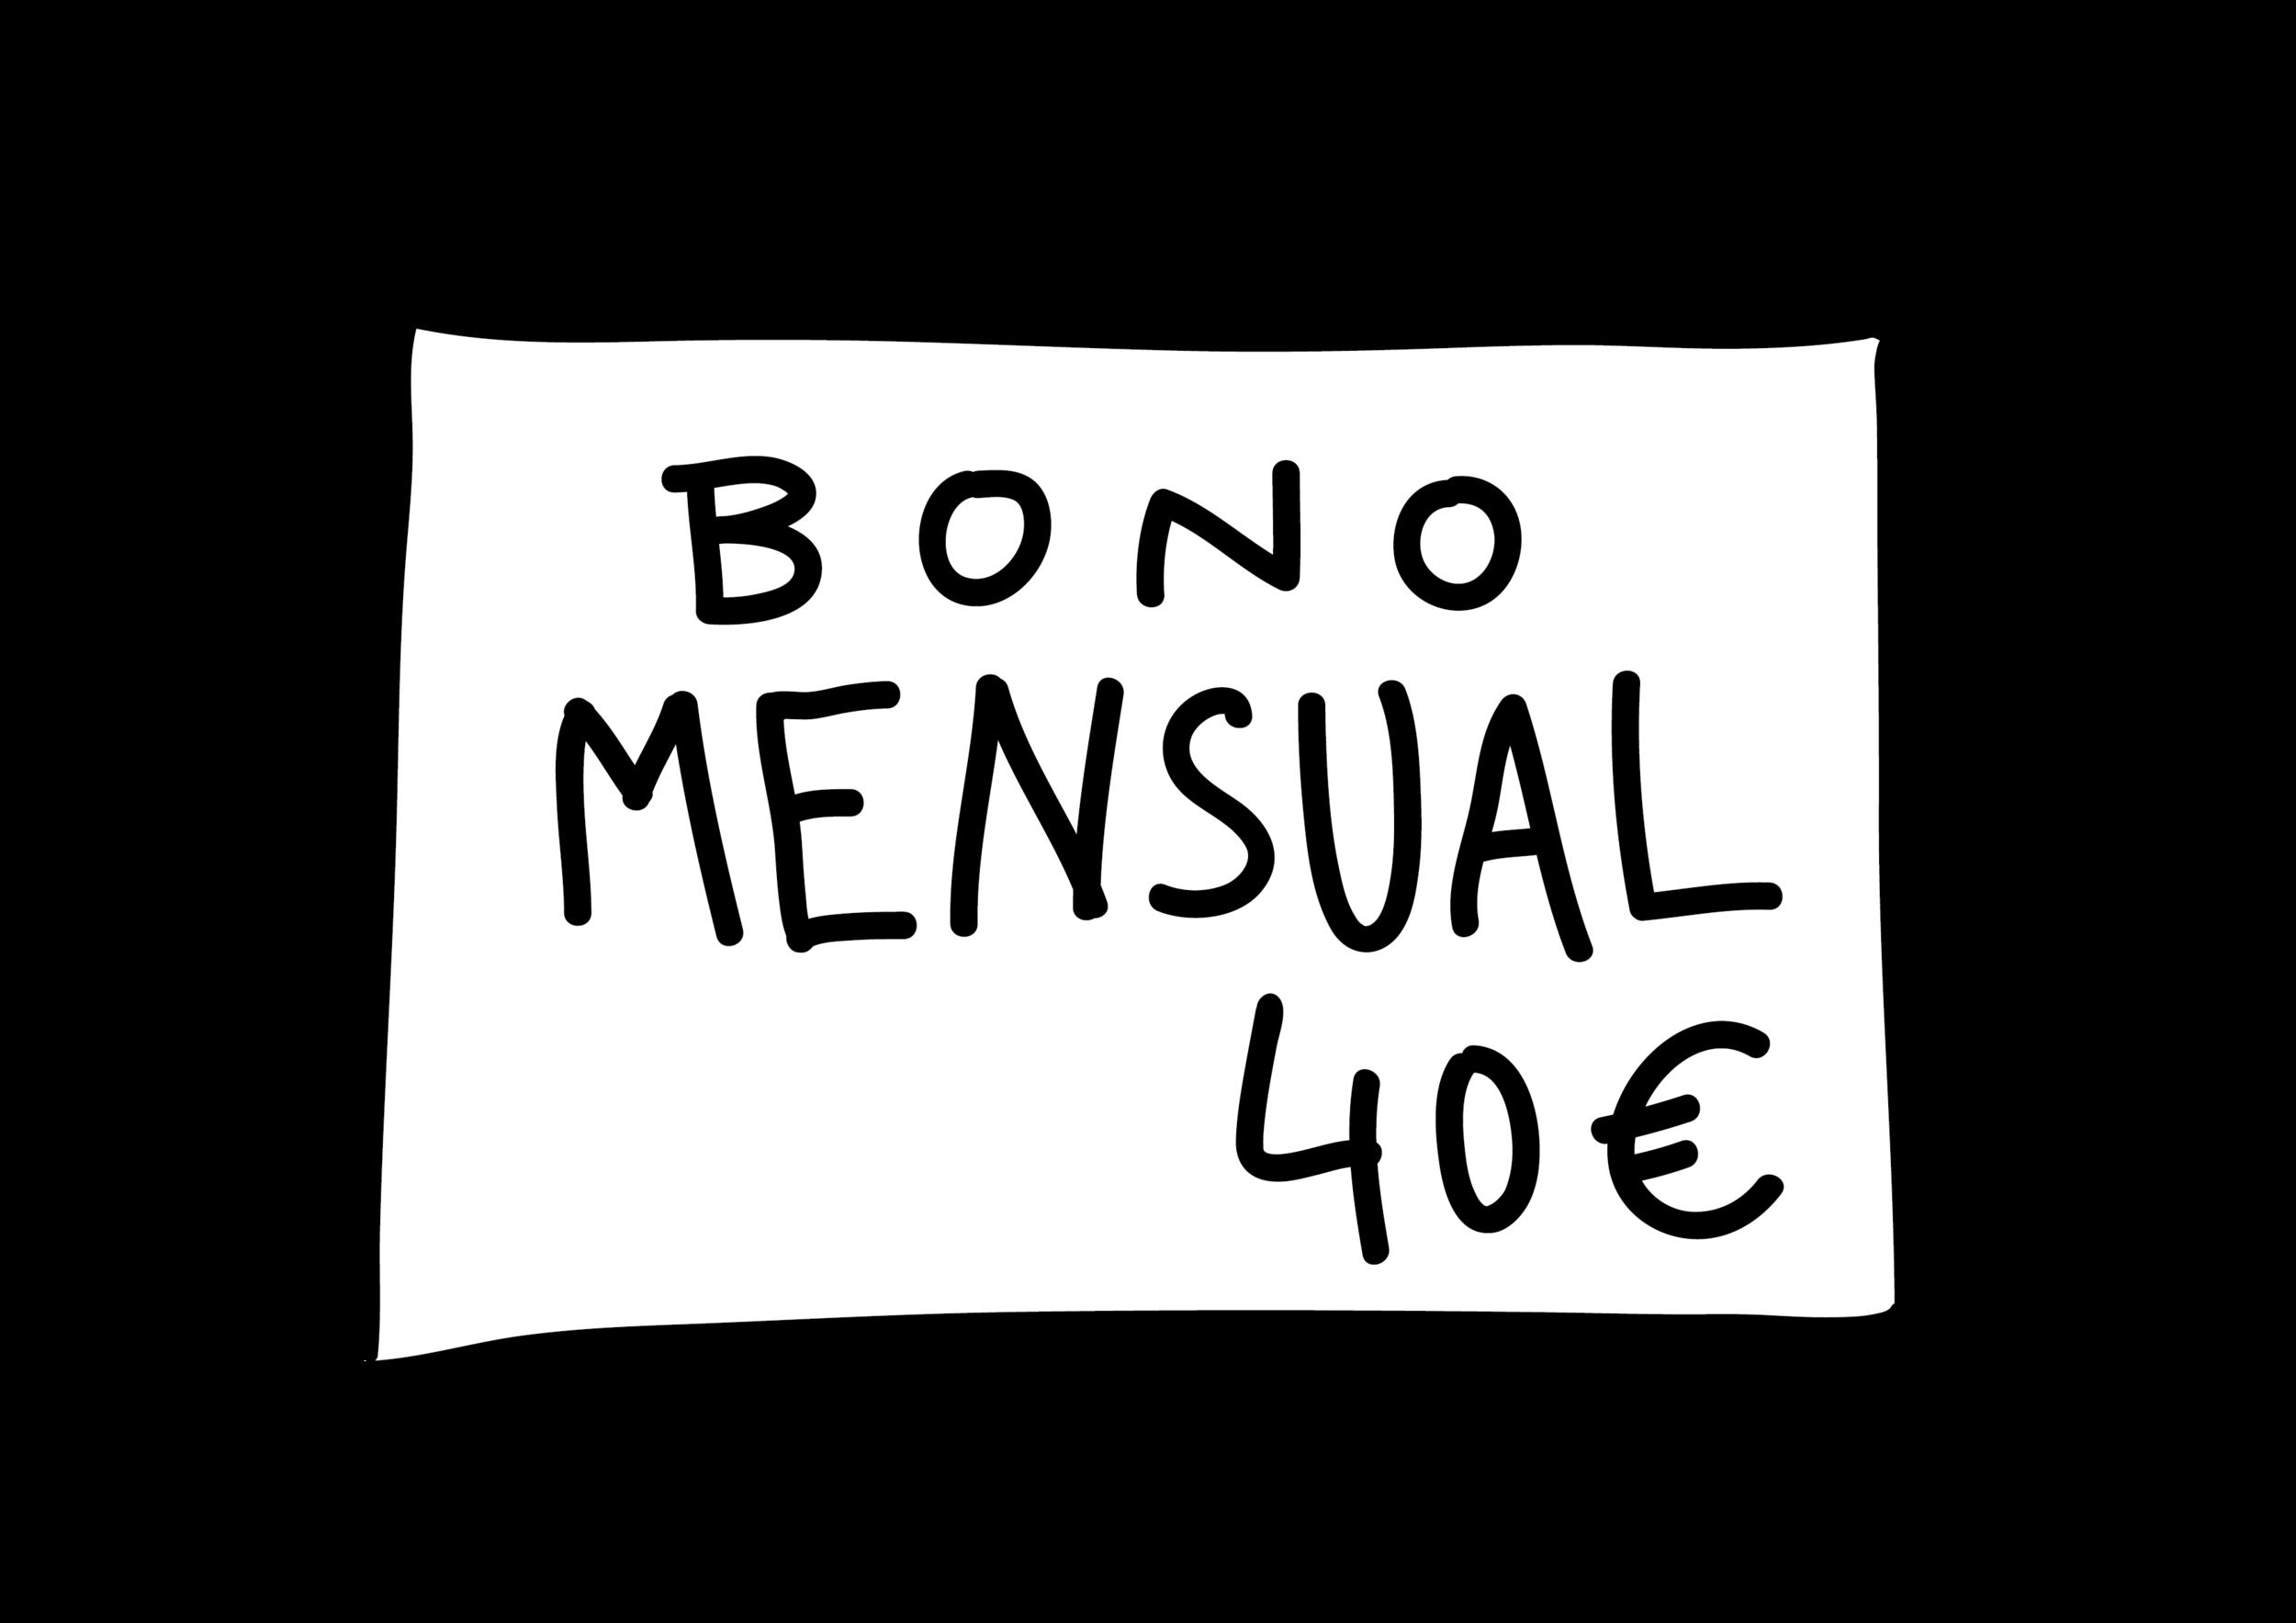 mensu-01.png